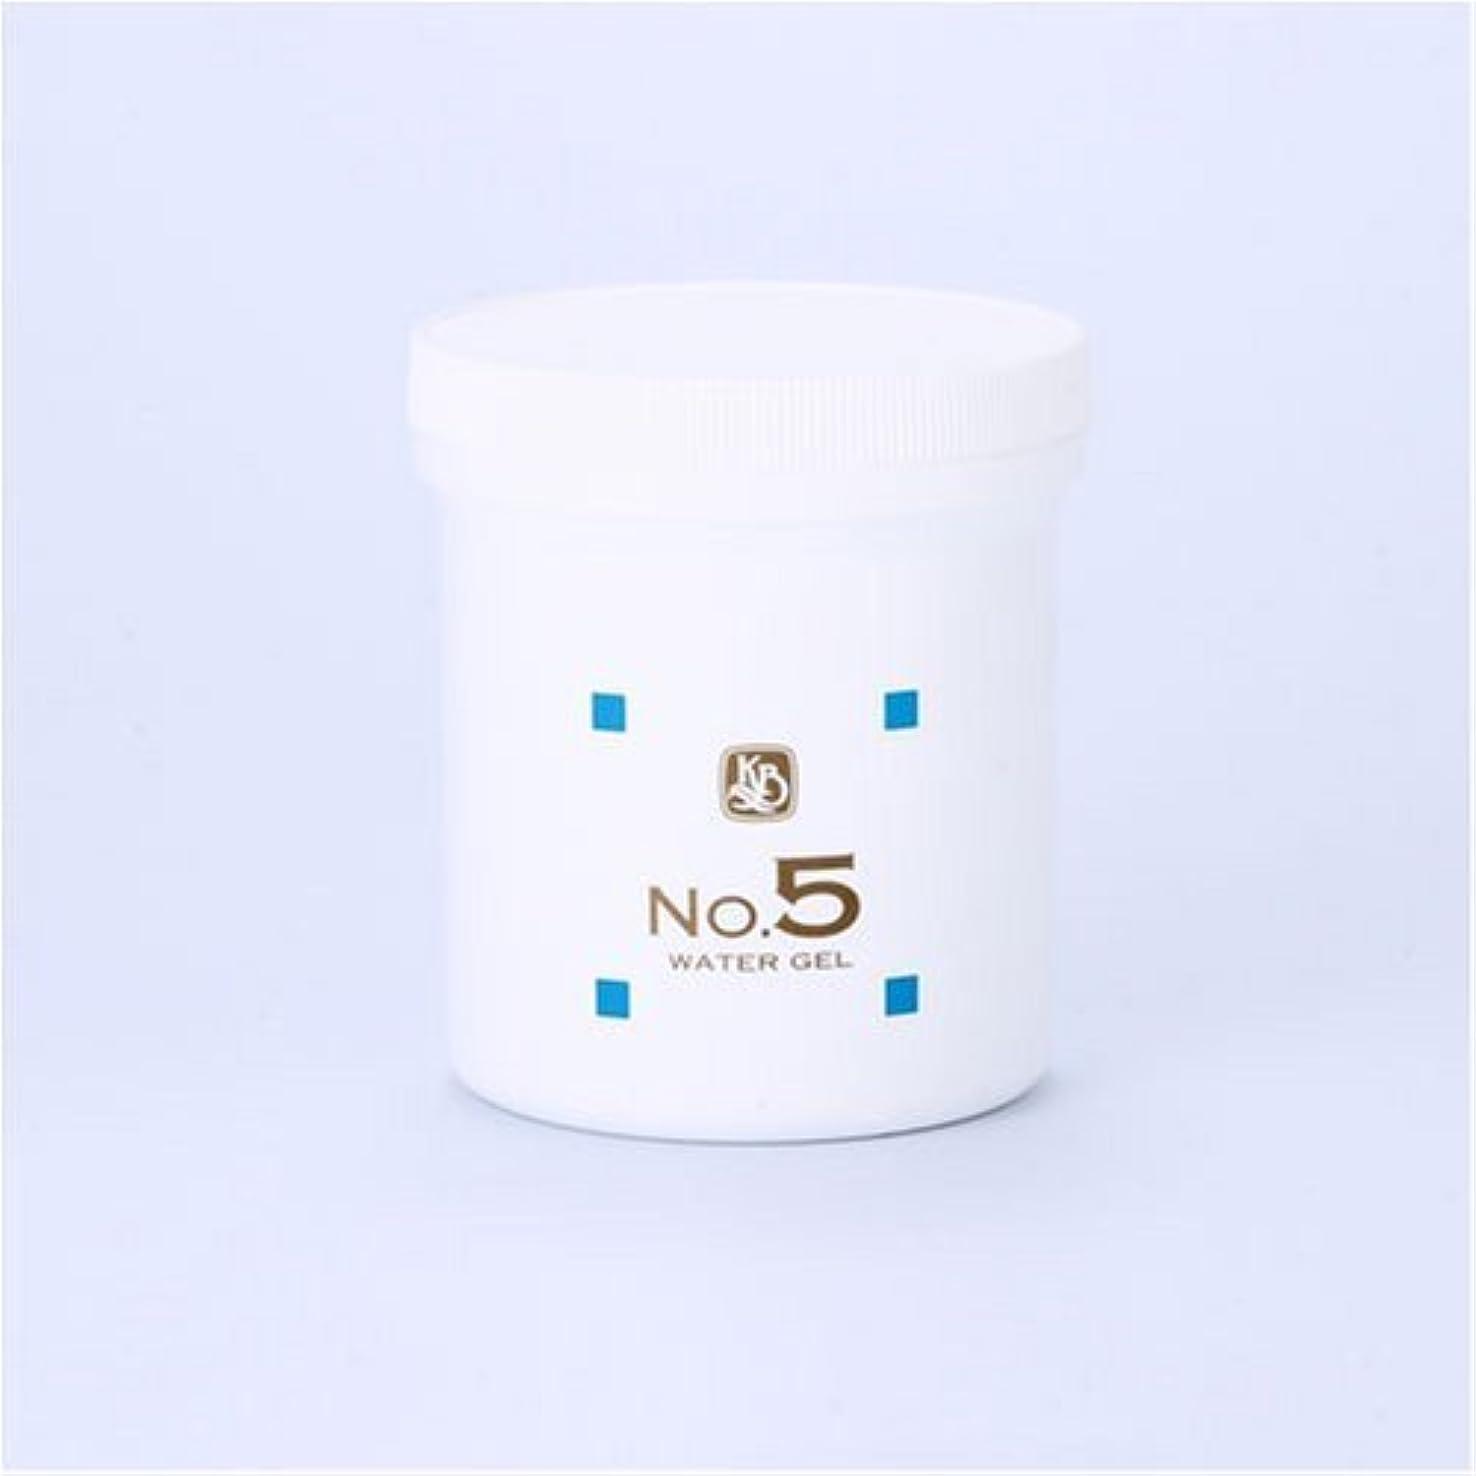 洗練された商業の租界顔を洗う水シリーズ ウォーターゲルNo.5 500g